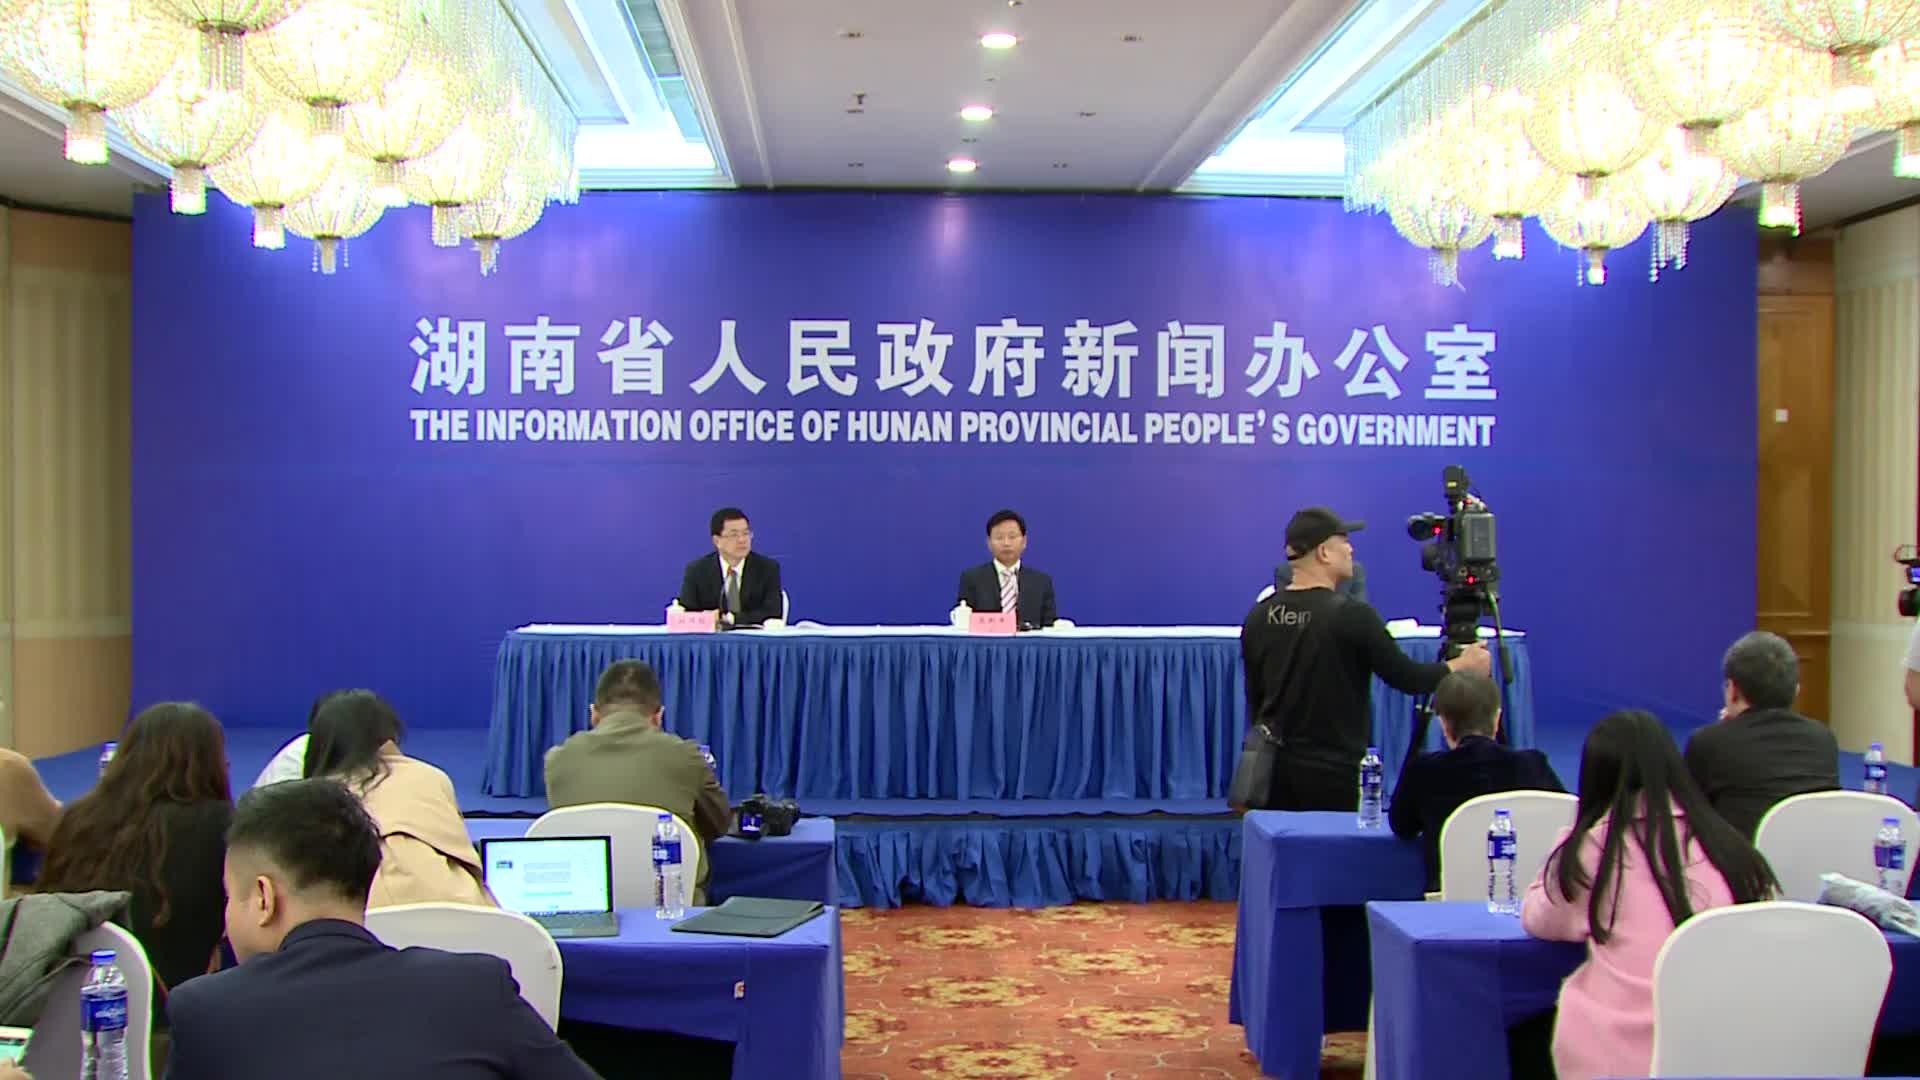 【全程回放】2018年亚太低碳技术高峰论坛新闻发布会